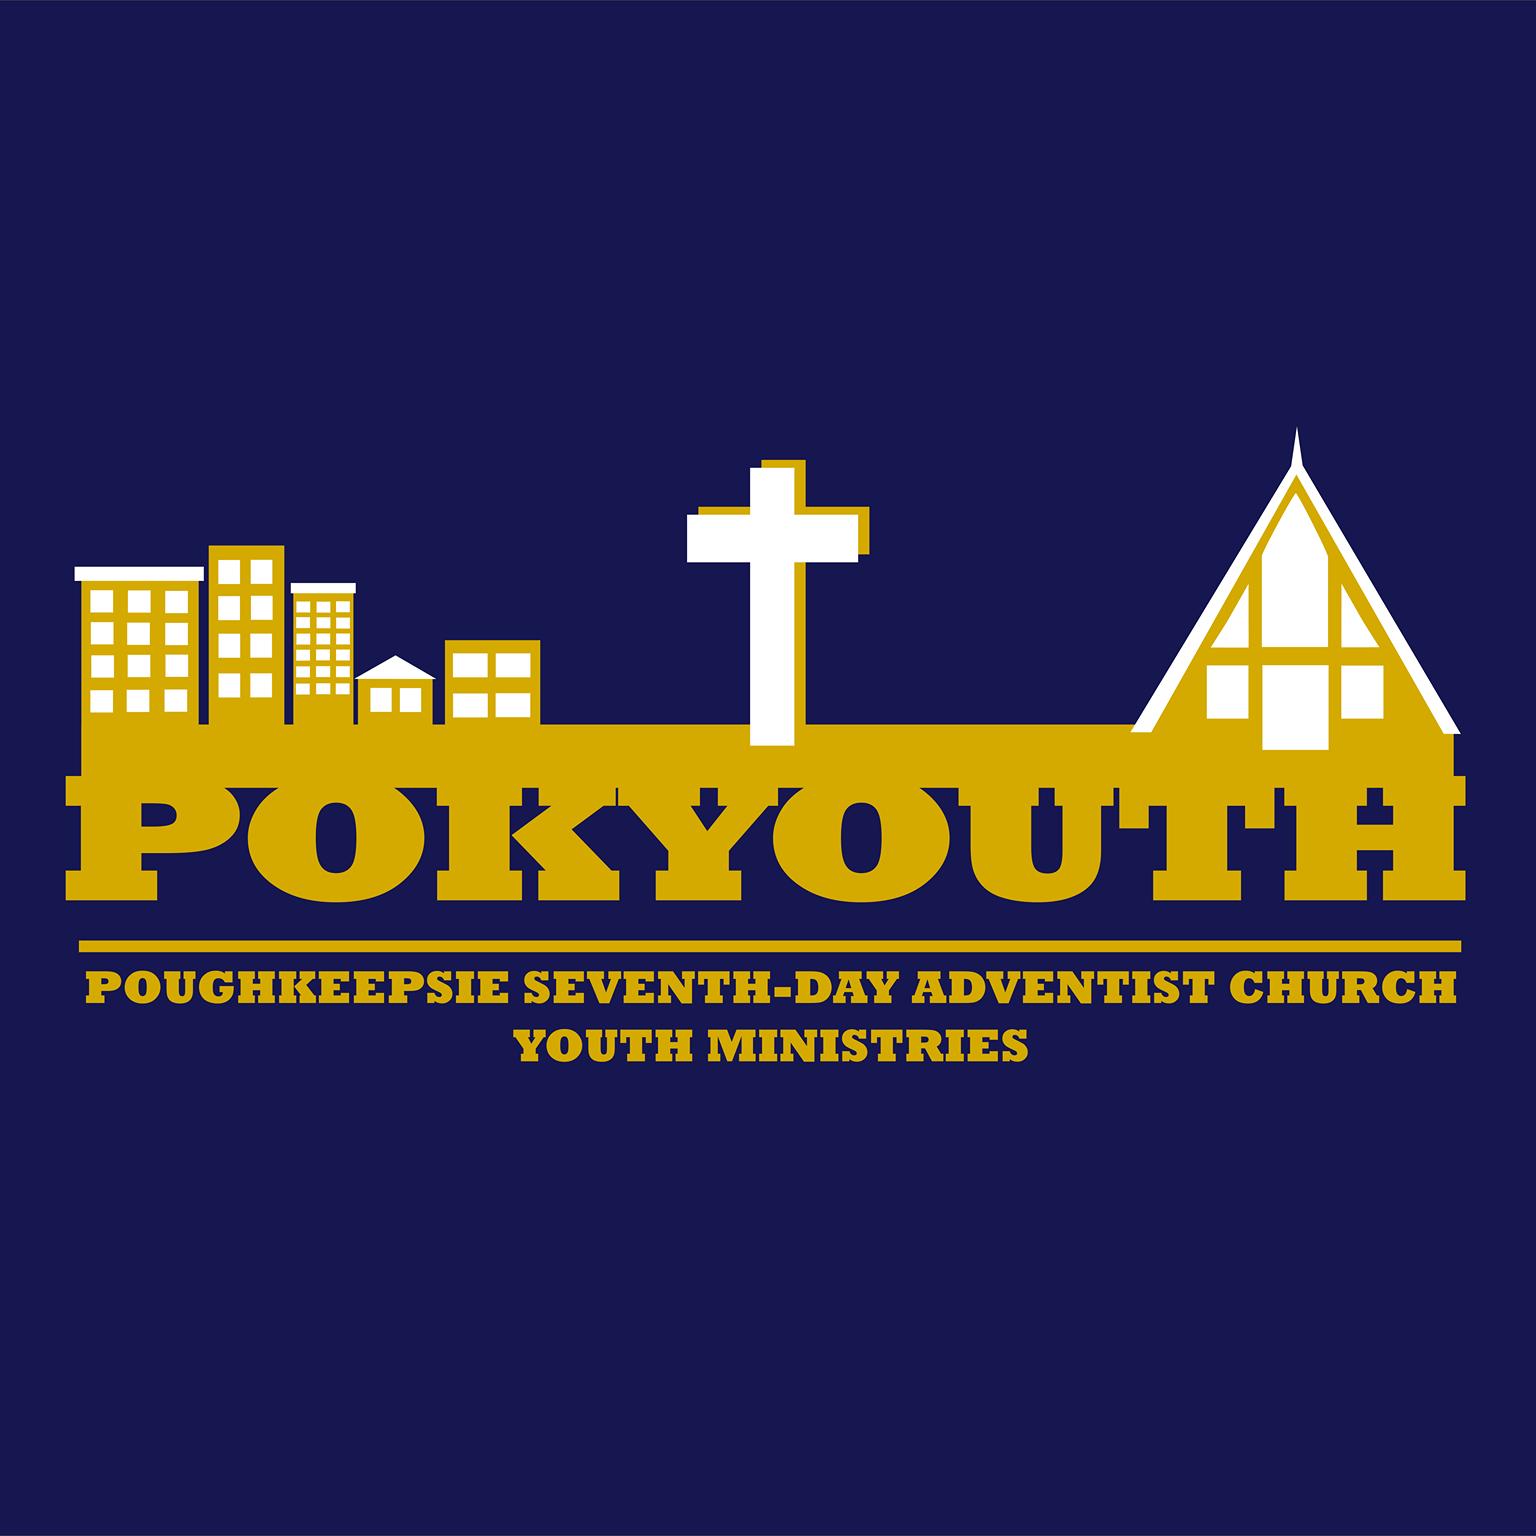 PokYouth-Logo-OnBluBck